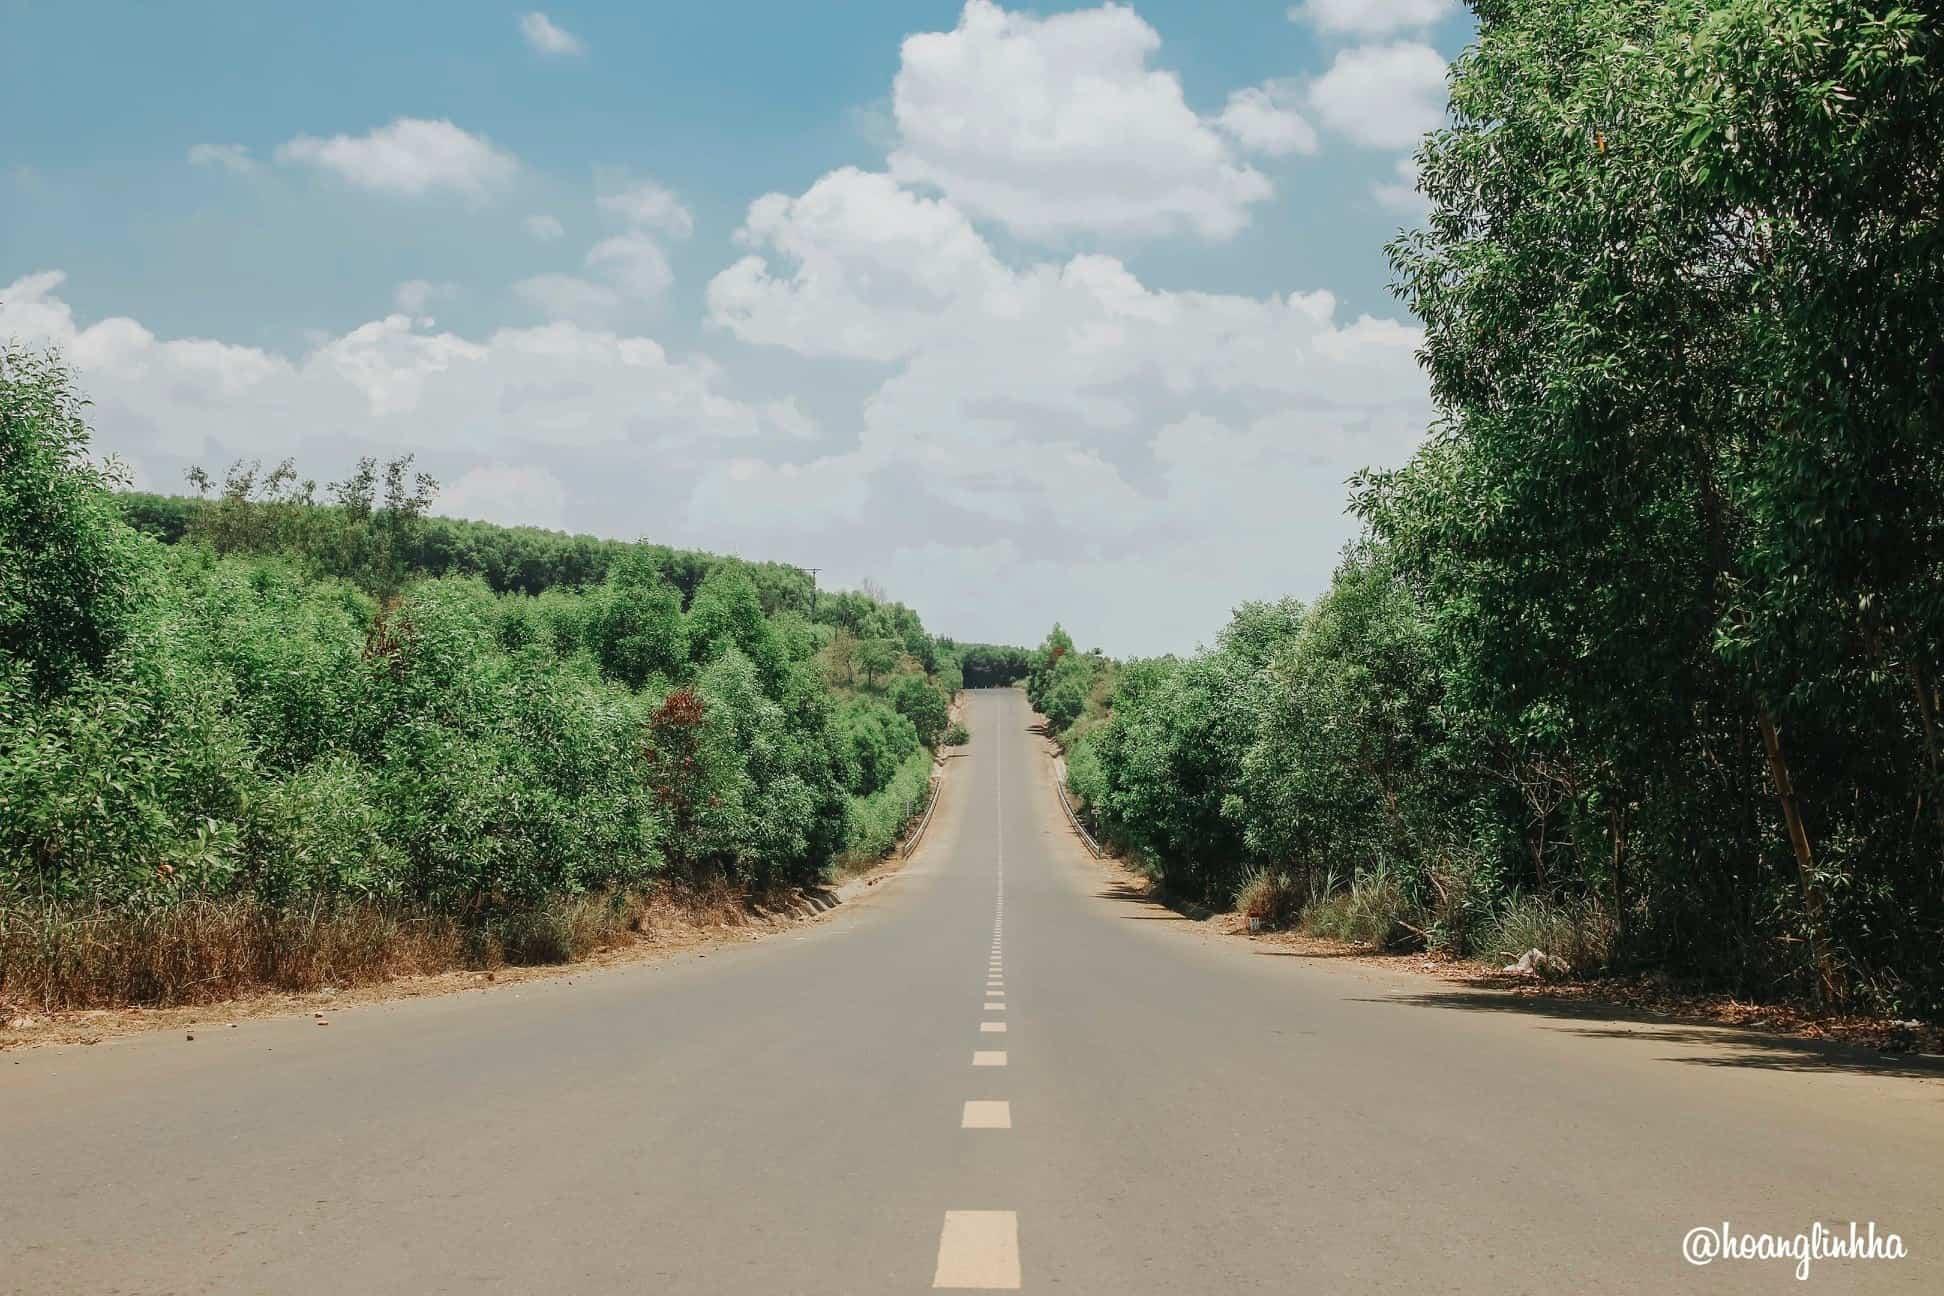 Đường đến nhà thờ Bác Hồ. Hình: Hoàng Linh Hà